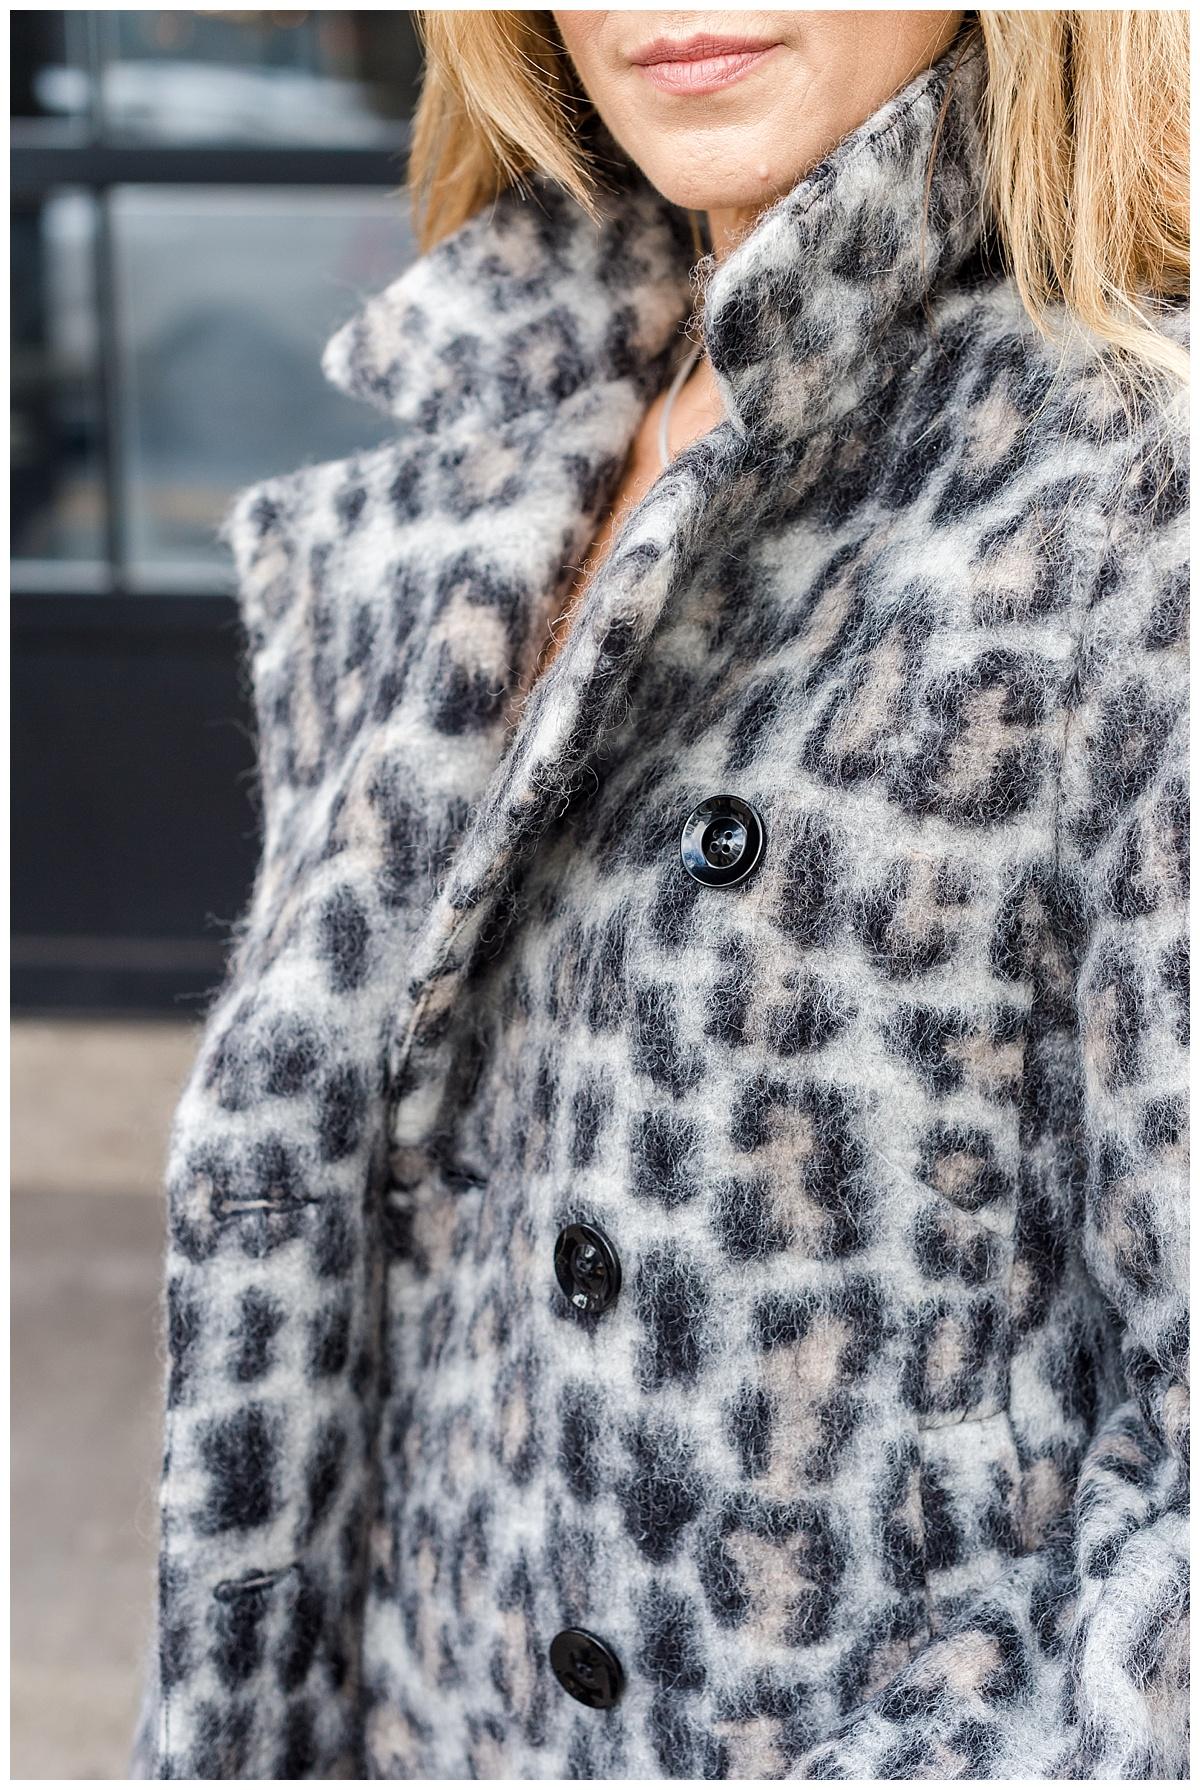 Lauren B jumpsuit and cheetah coat_1667.jpg